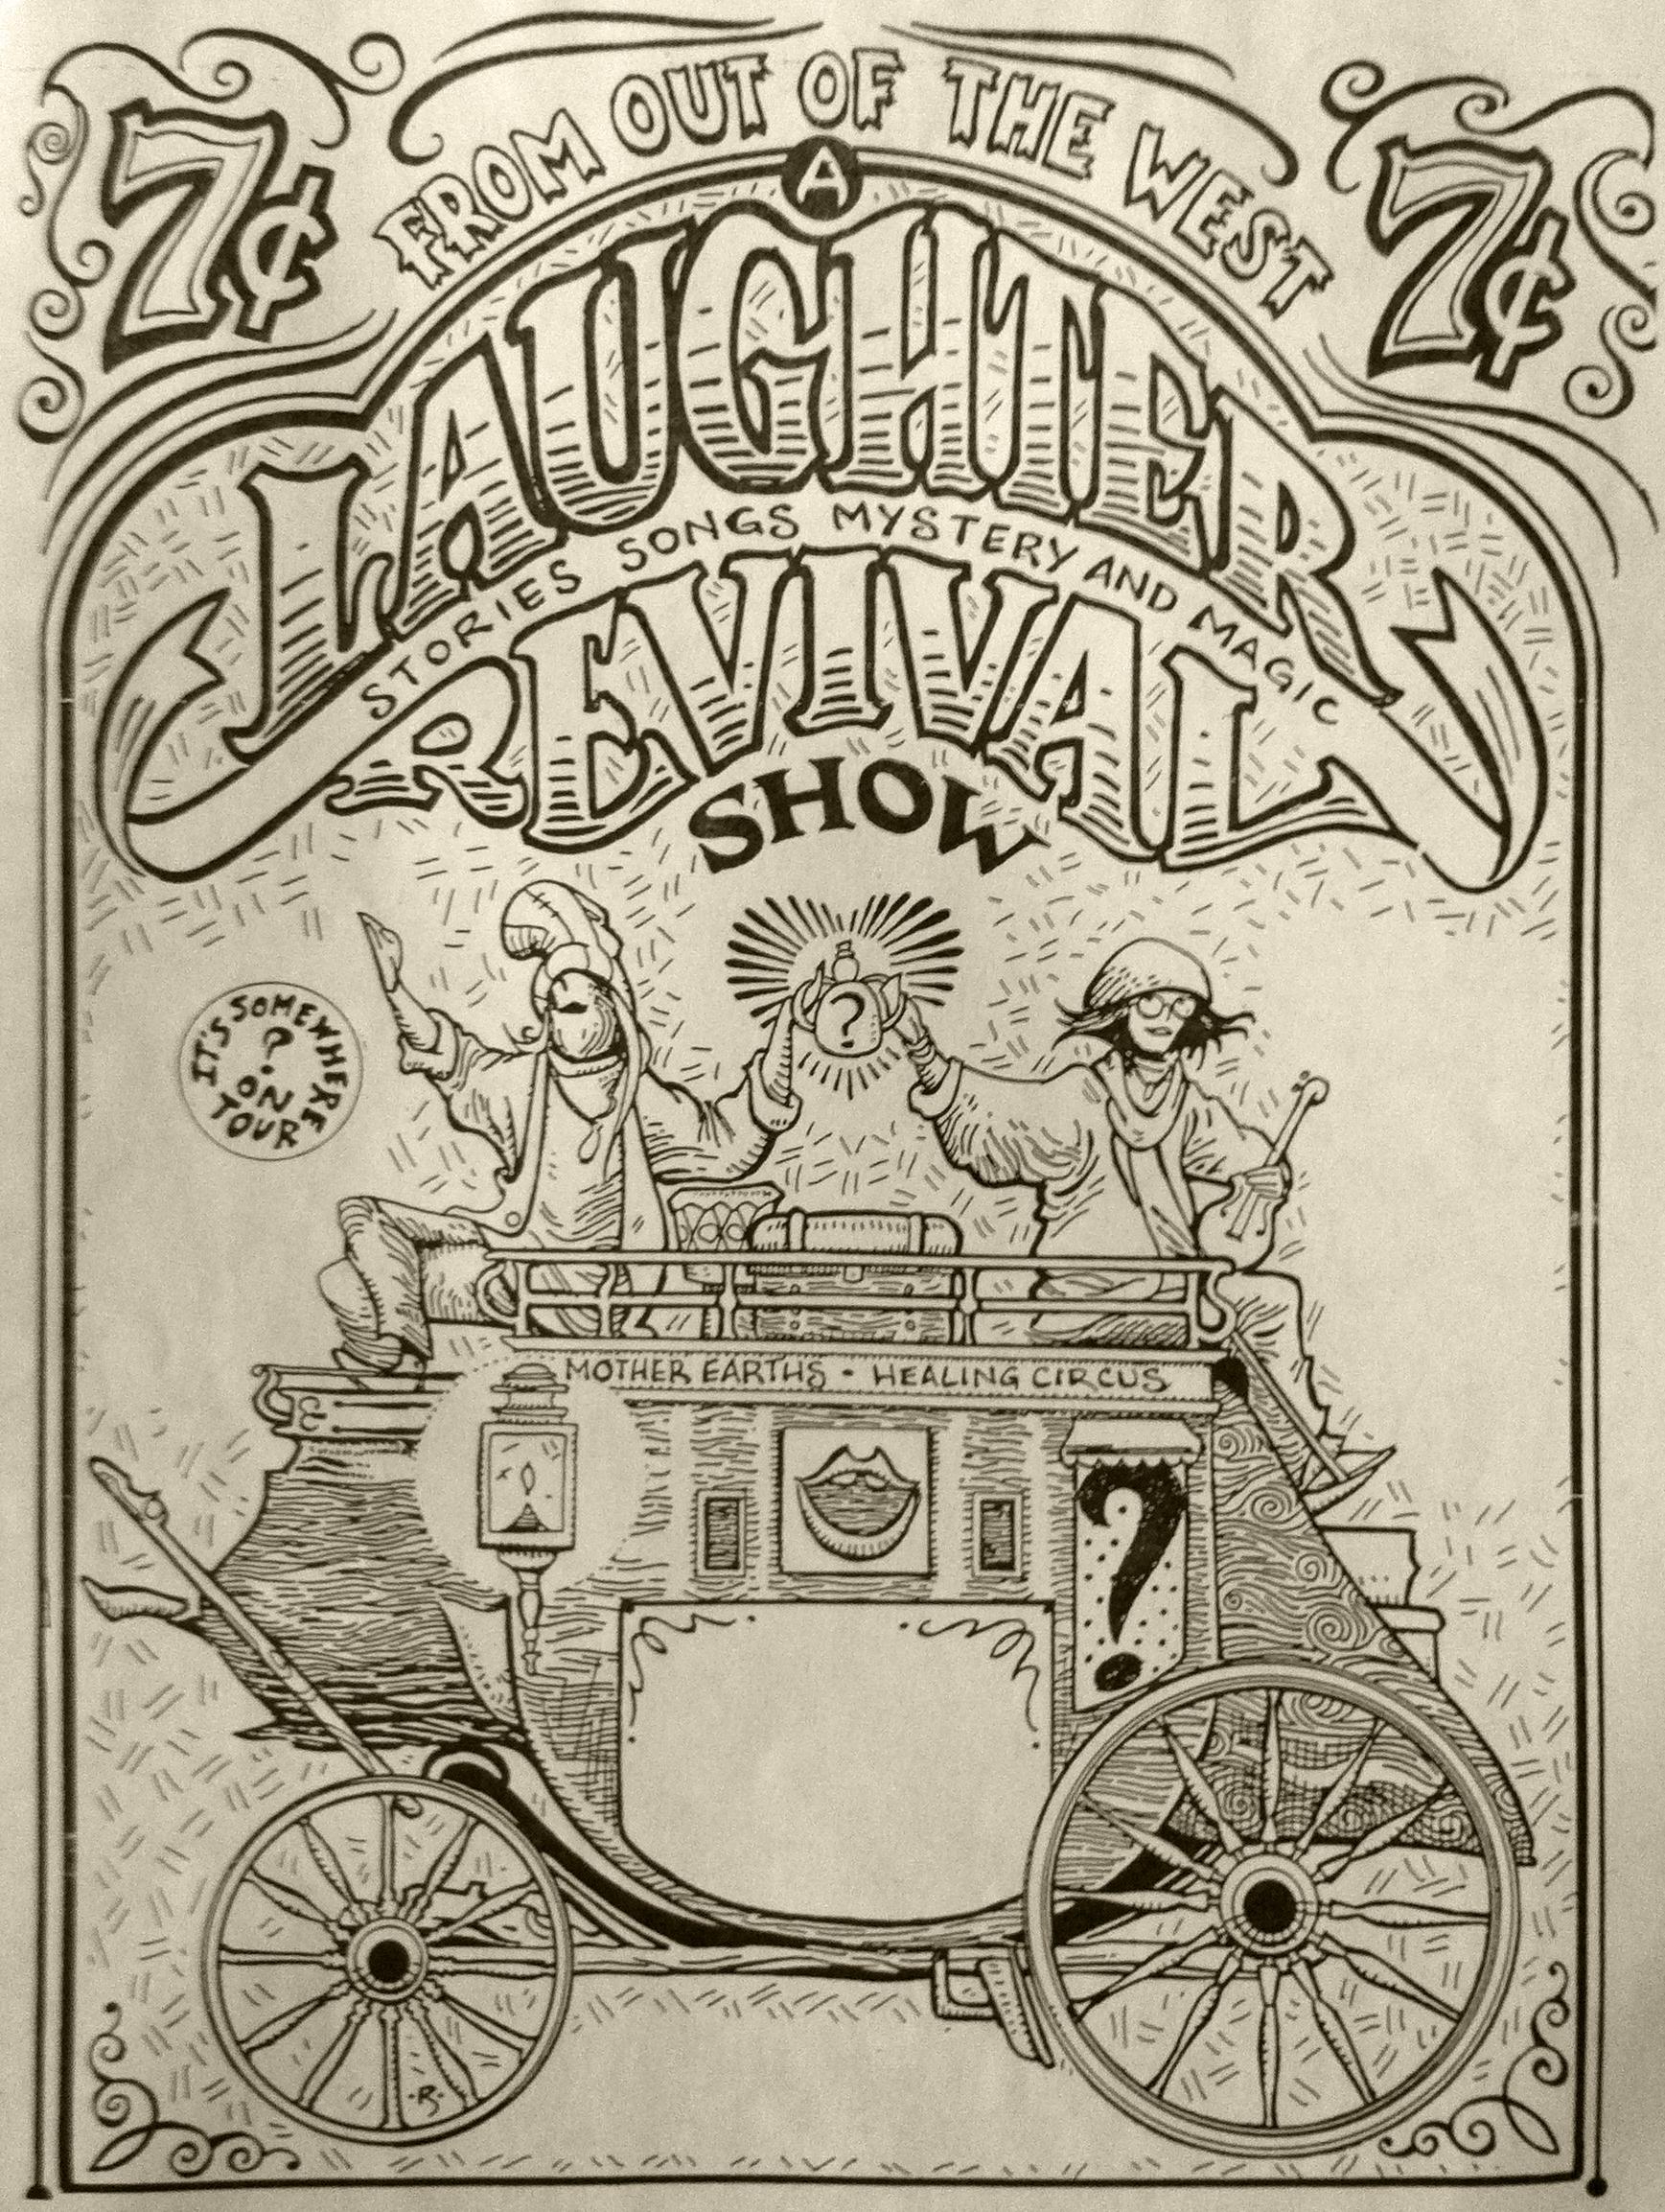 Laughter Revival Tour